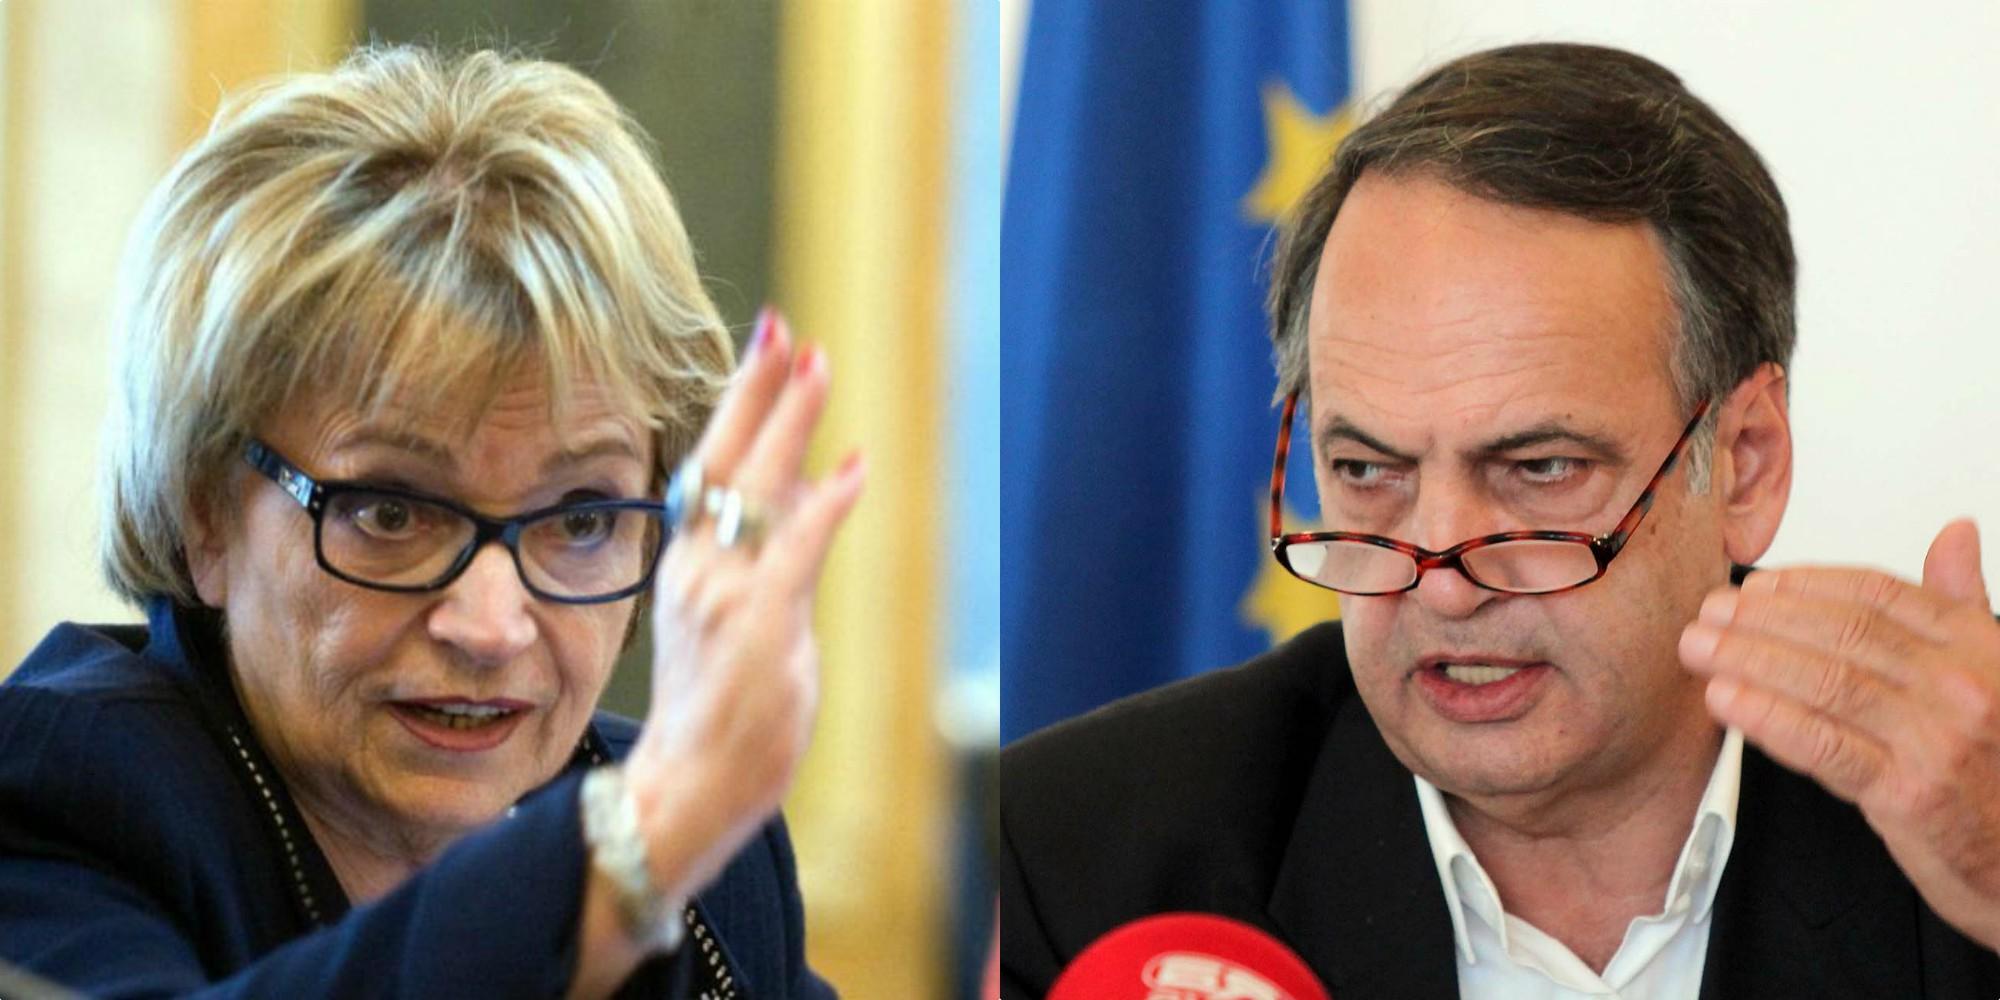 Deklaratat e Fleckenstein në Tiranë, Pack: Akt i papranueshëm, PE të marrë masa